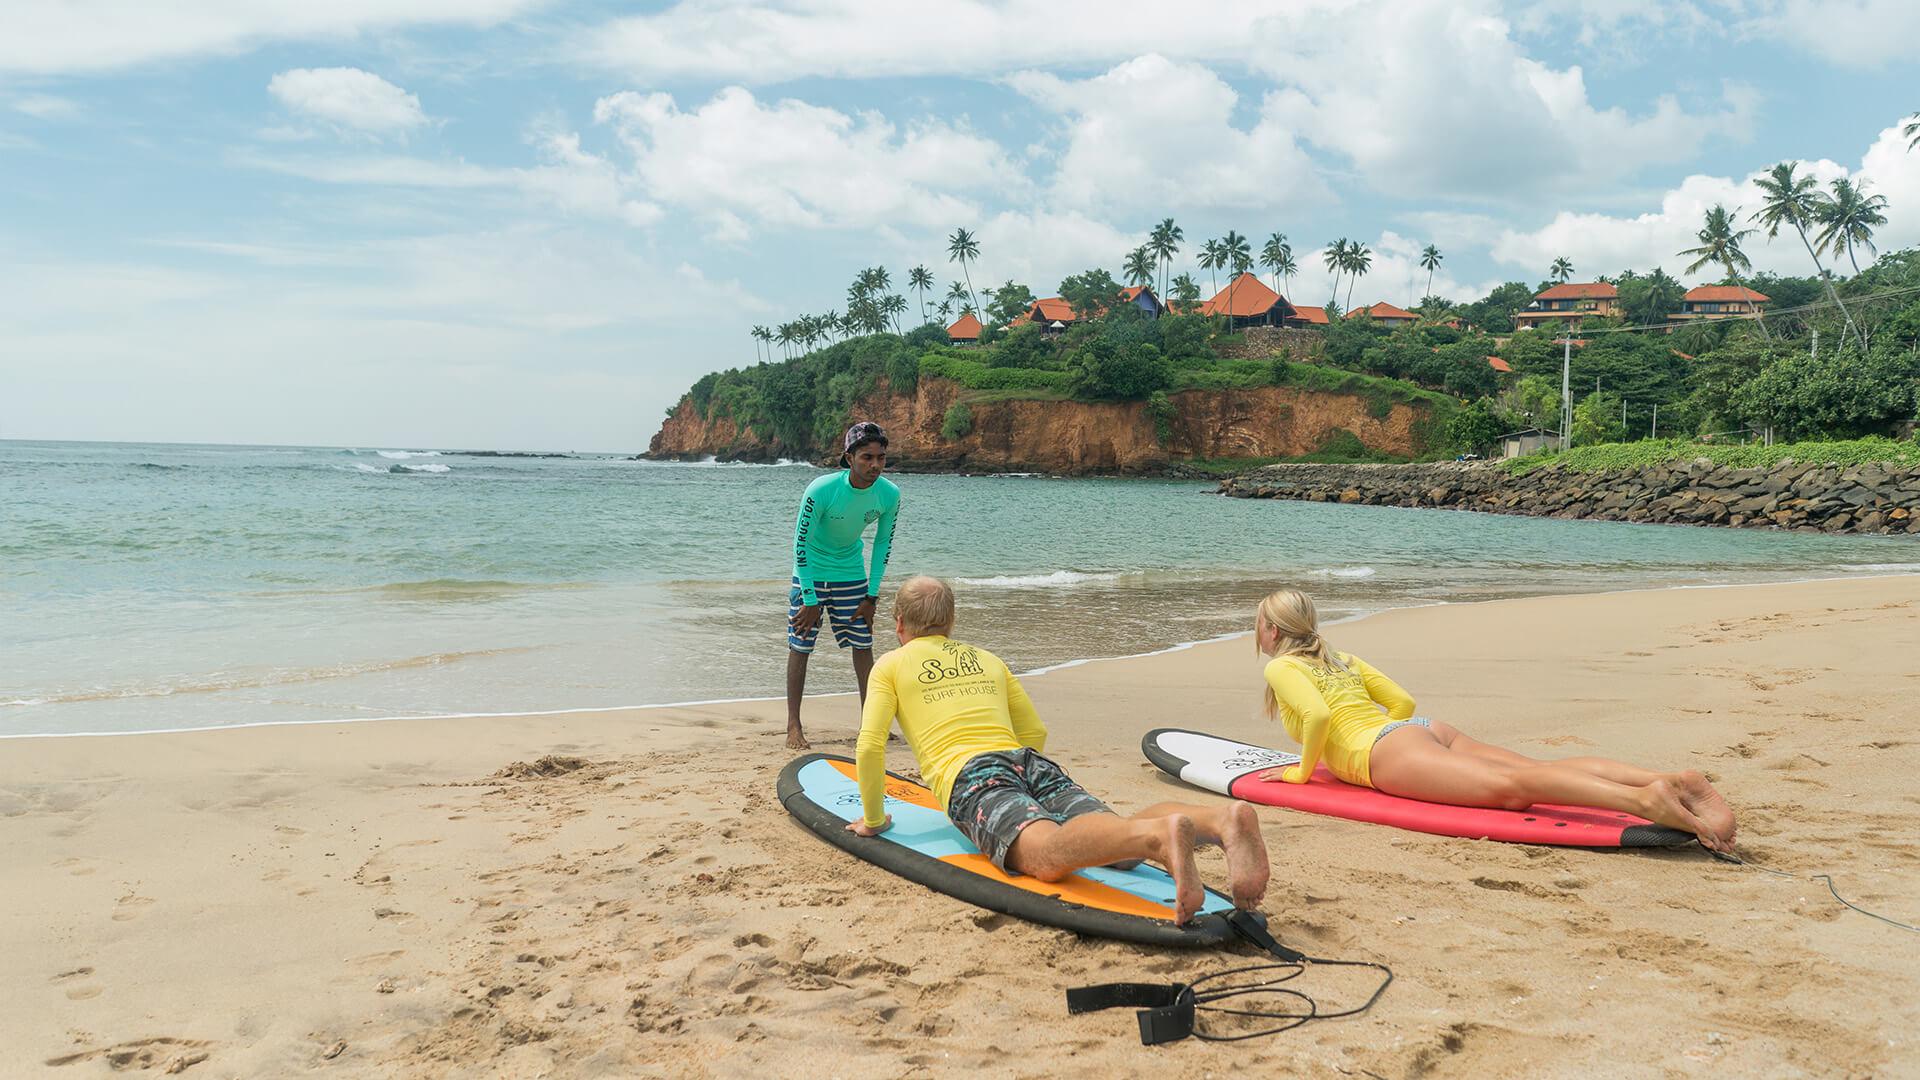 CAMPAMENTO DE SURF DE SRI LANKA